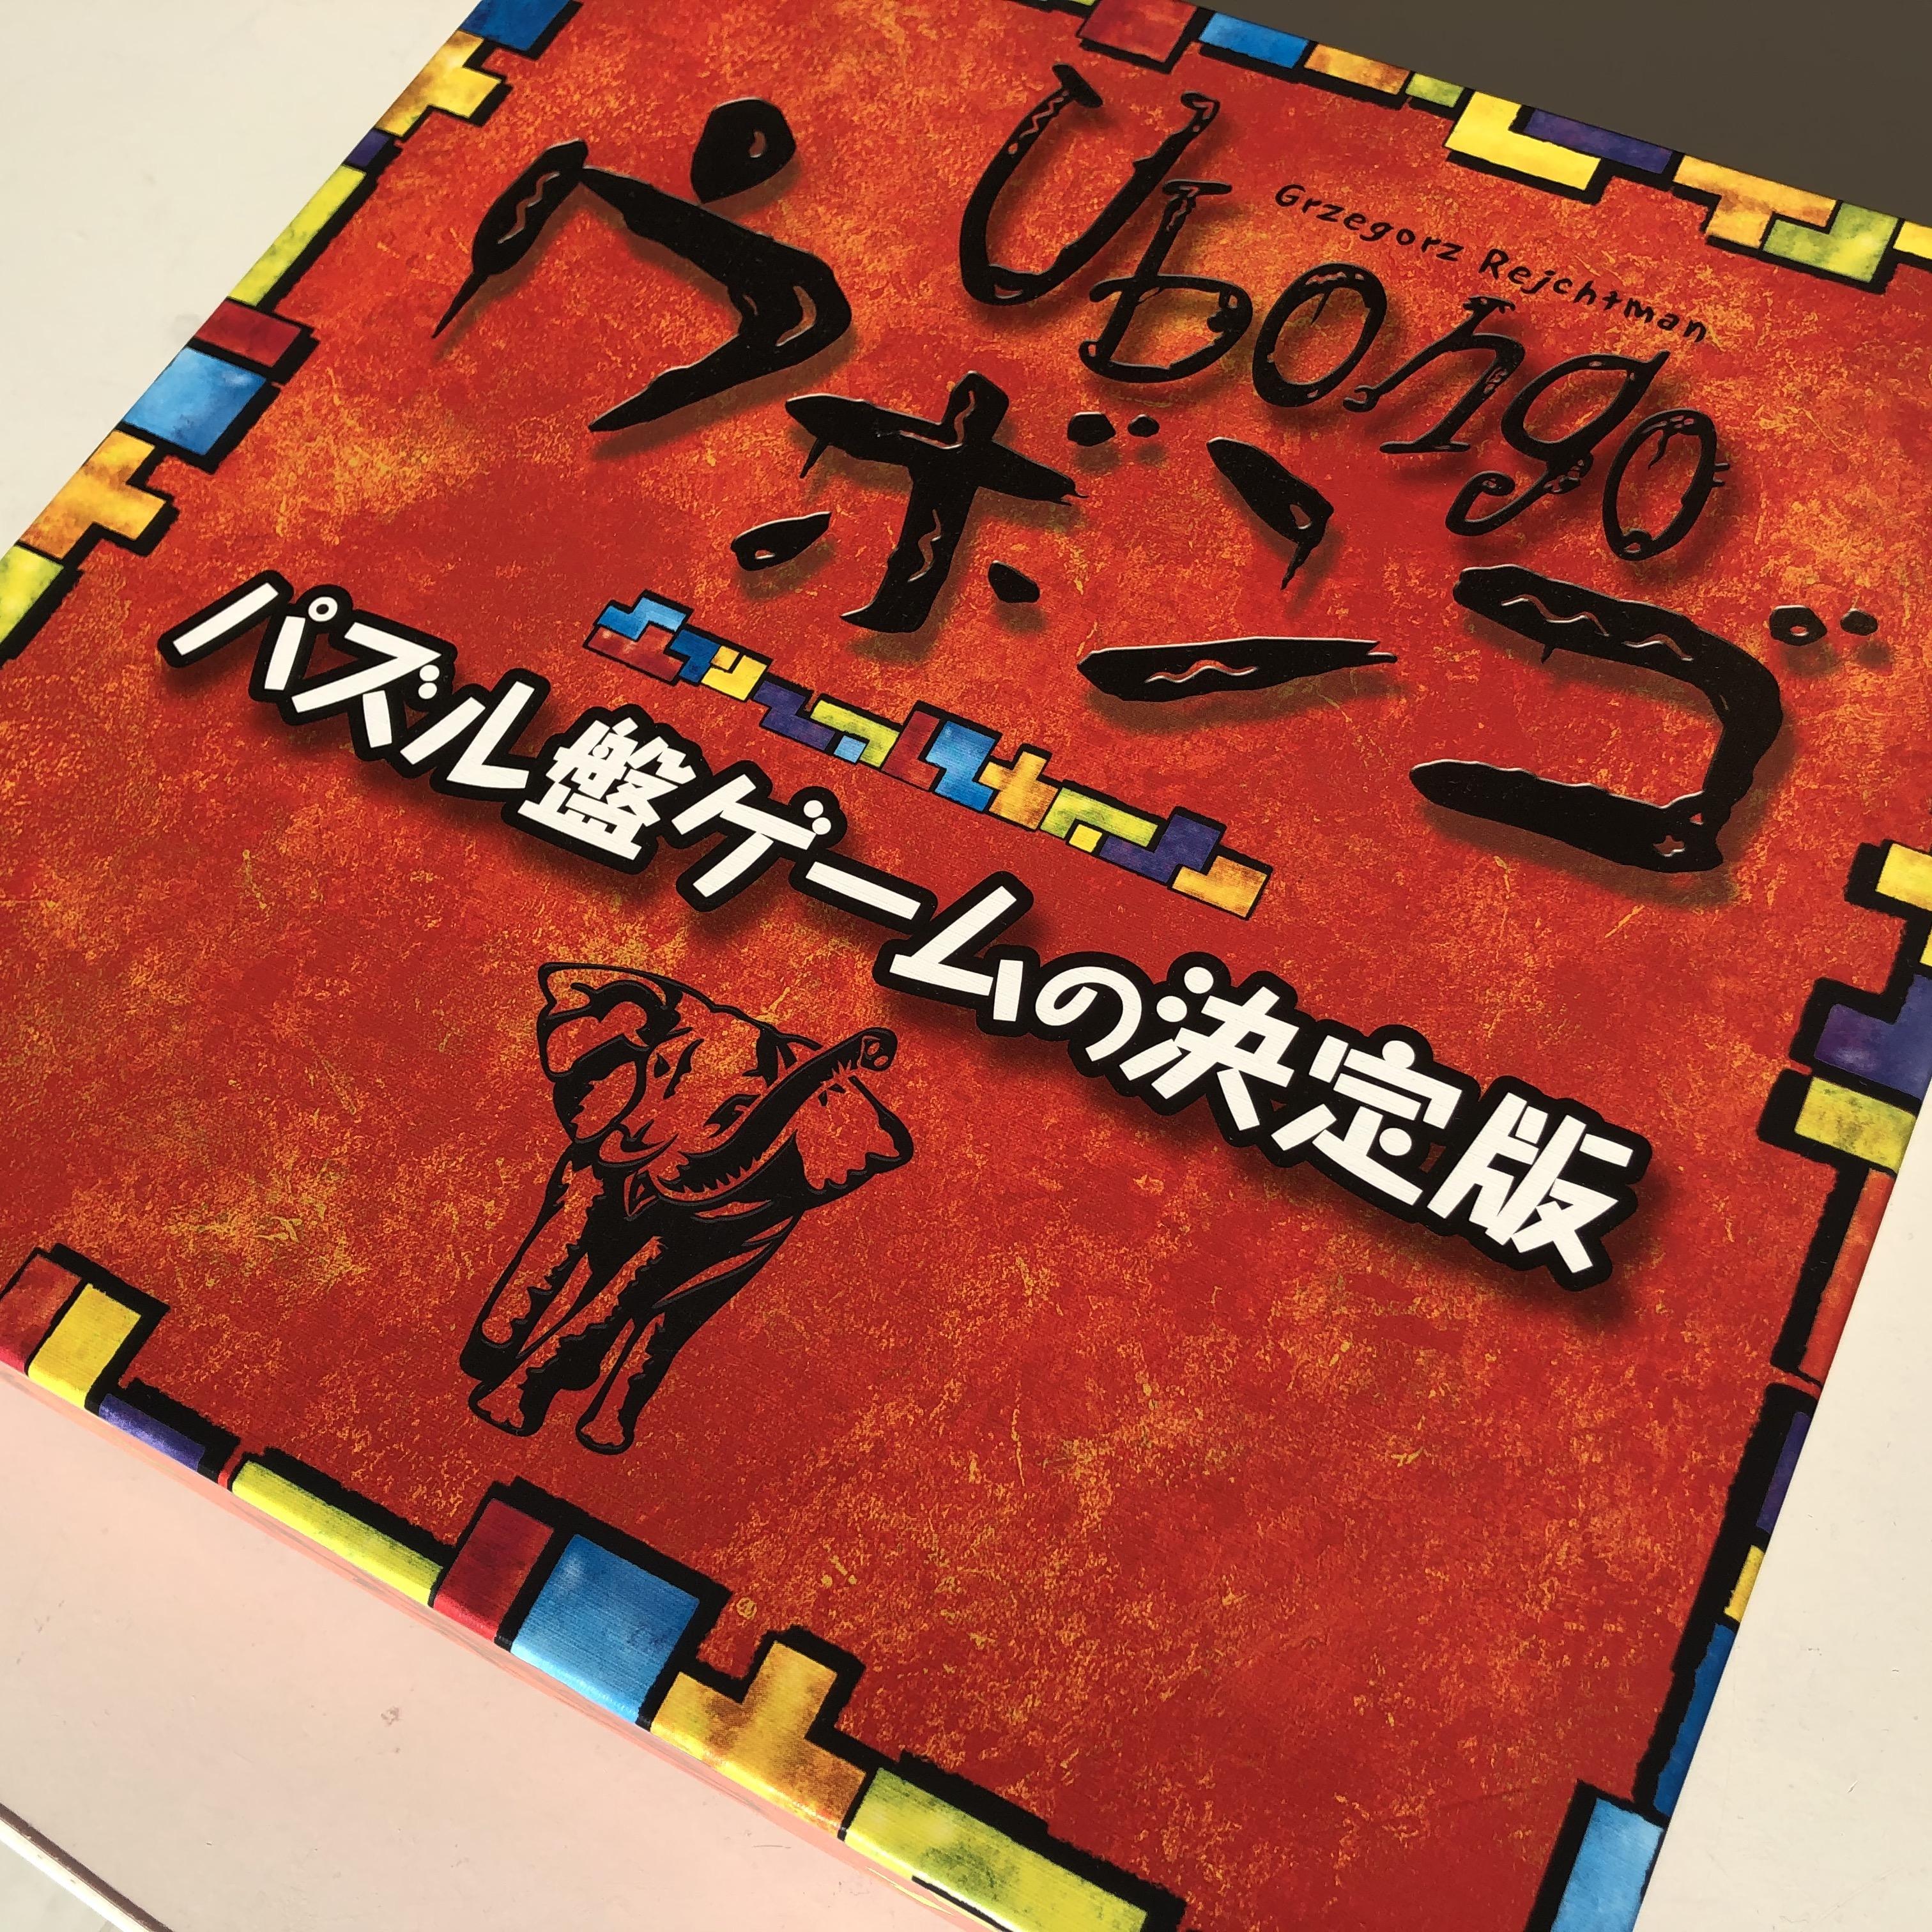 ミコノスカフェのボードゲームのご案内 ☆ウボンゴ☆(保土ヶ谷駅前)